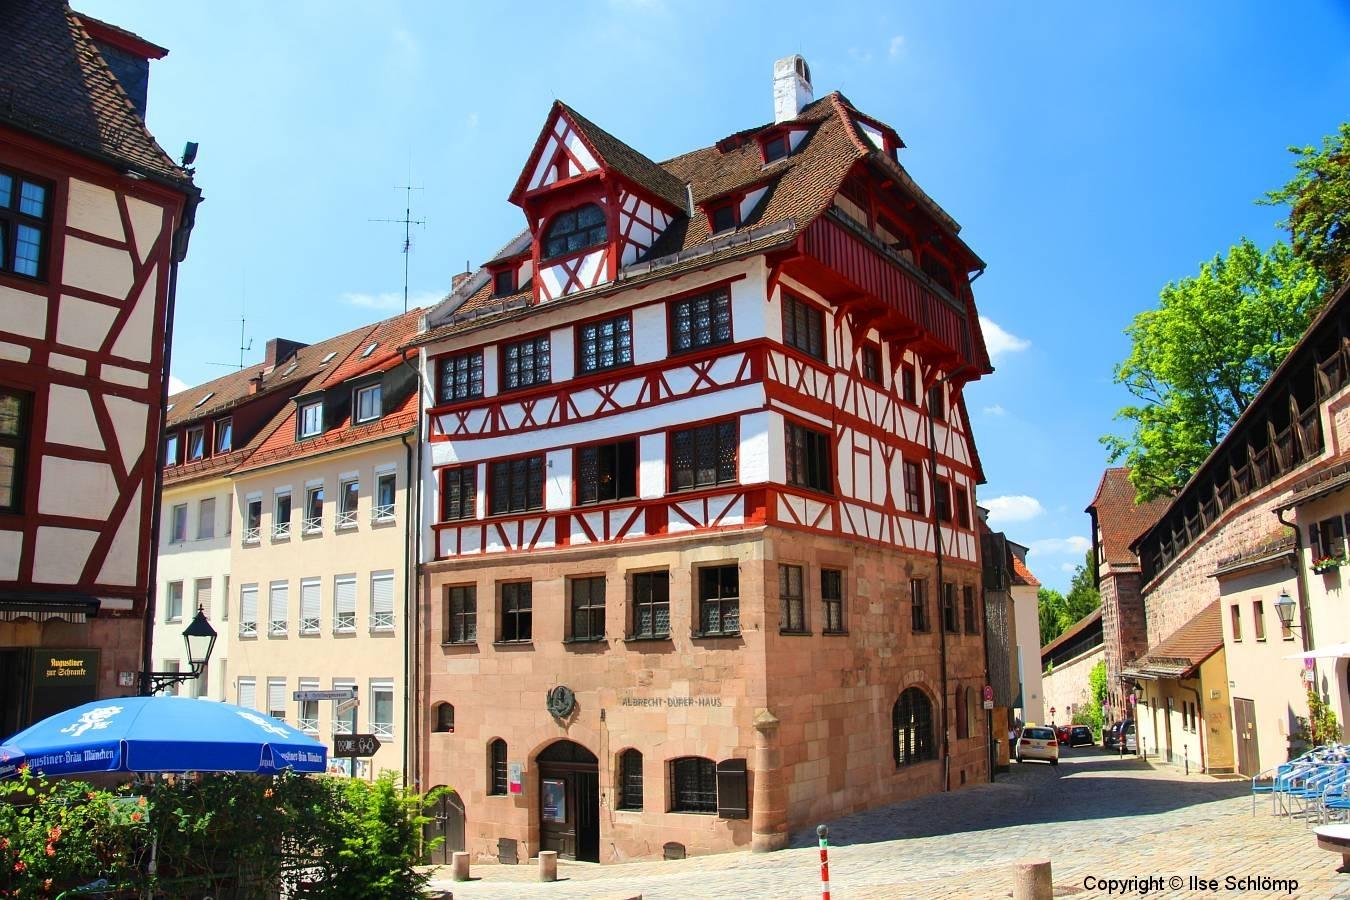 Nürnberg, Albrecht Dürer Haus, errichtet 1420